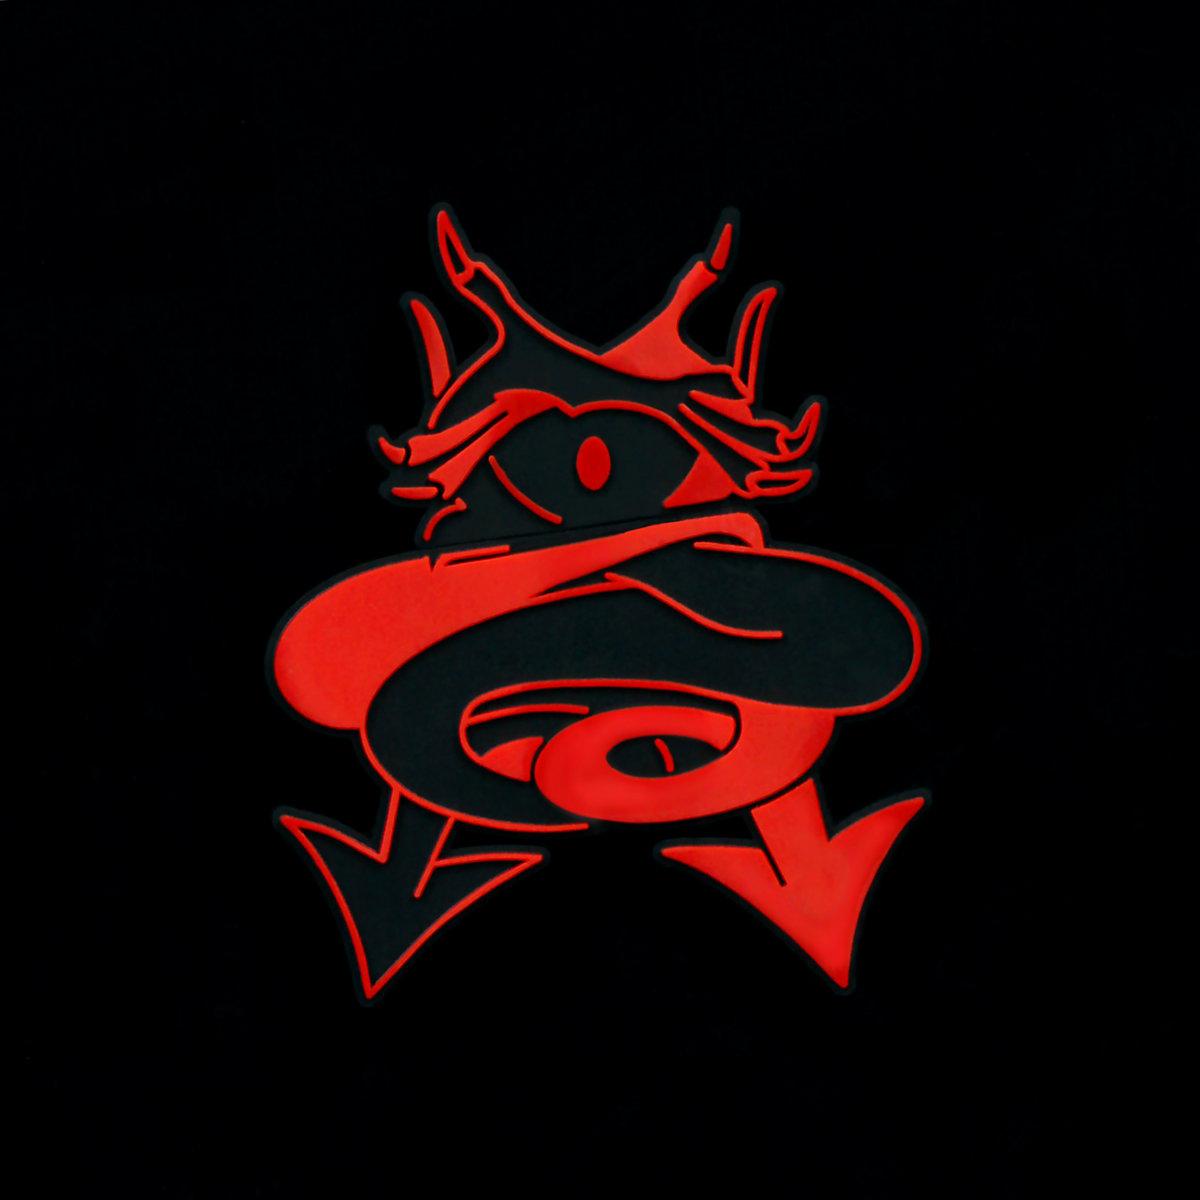 Flash Demons Network Ensemble Force Inc Mille Plateaux